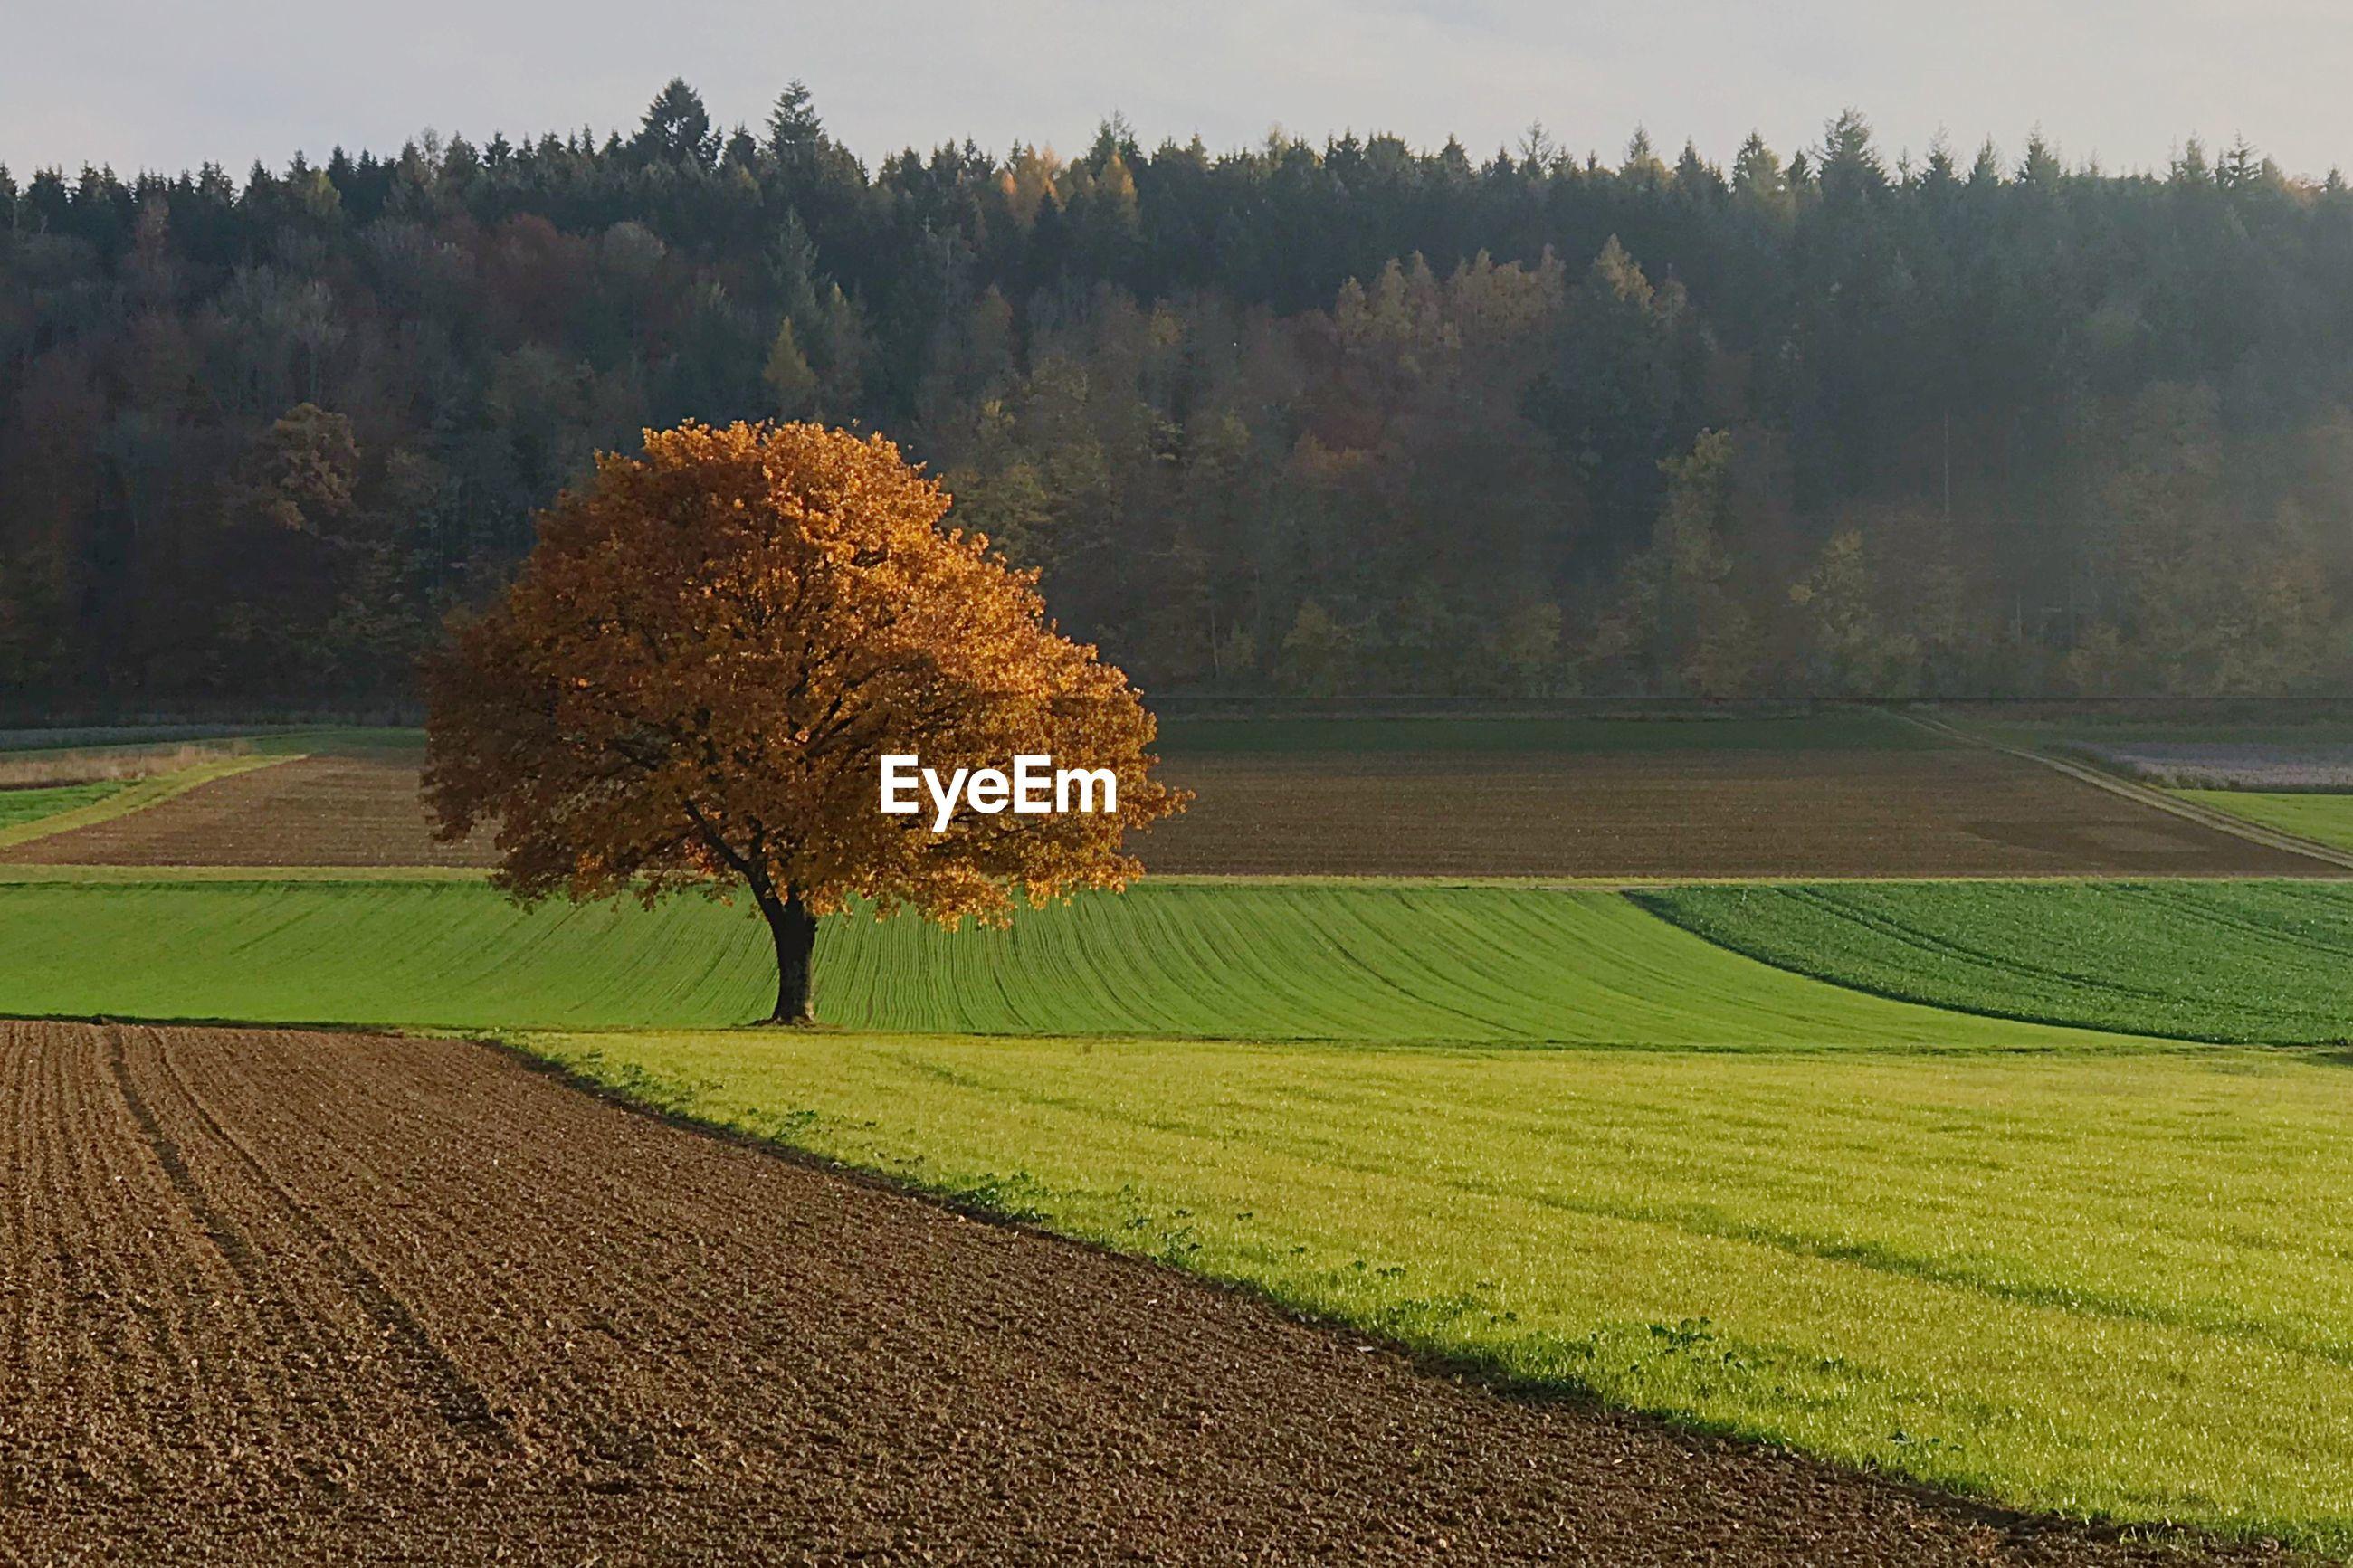 TREE ON FIELD AGAINST AUTUMN